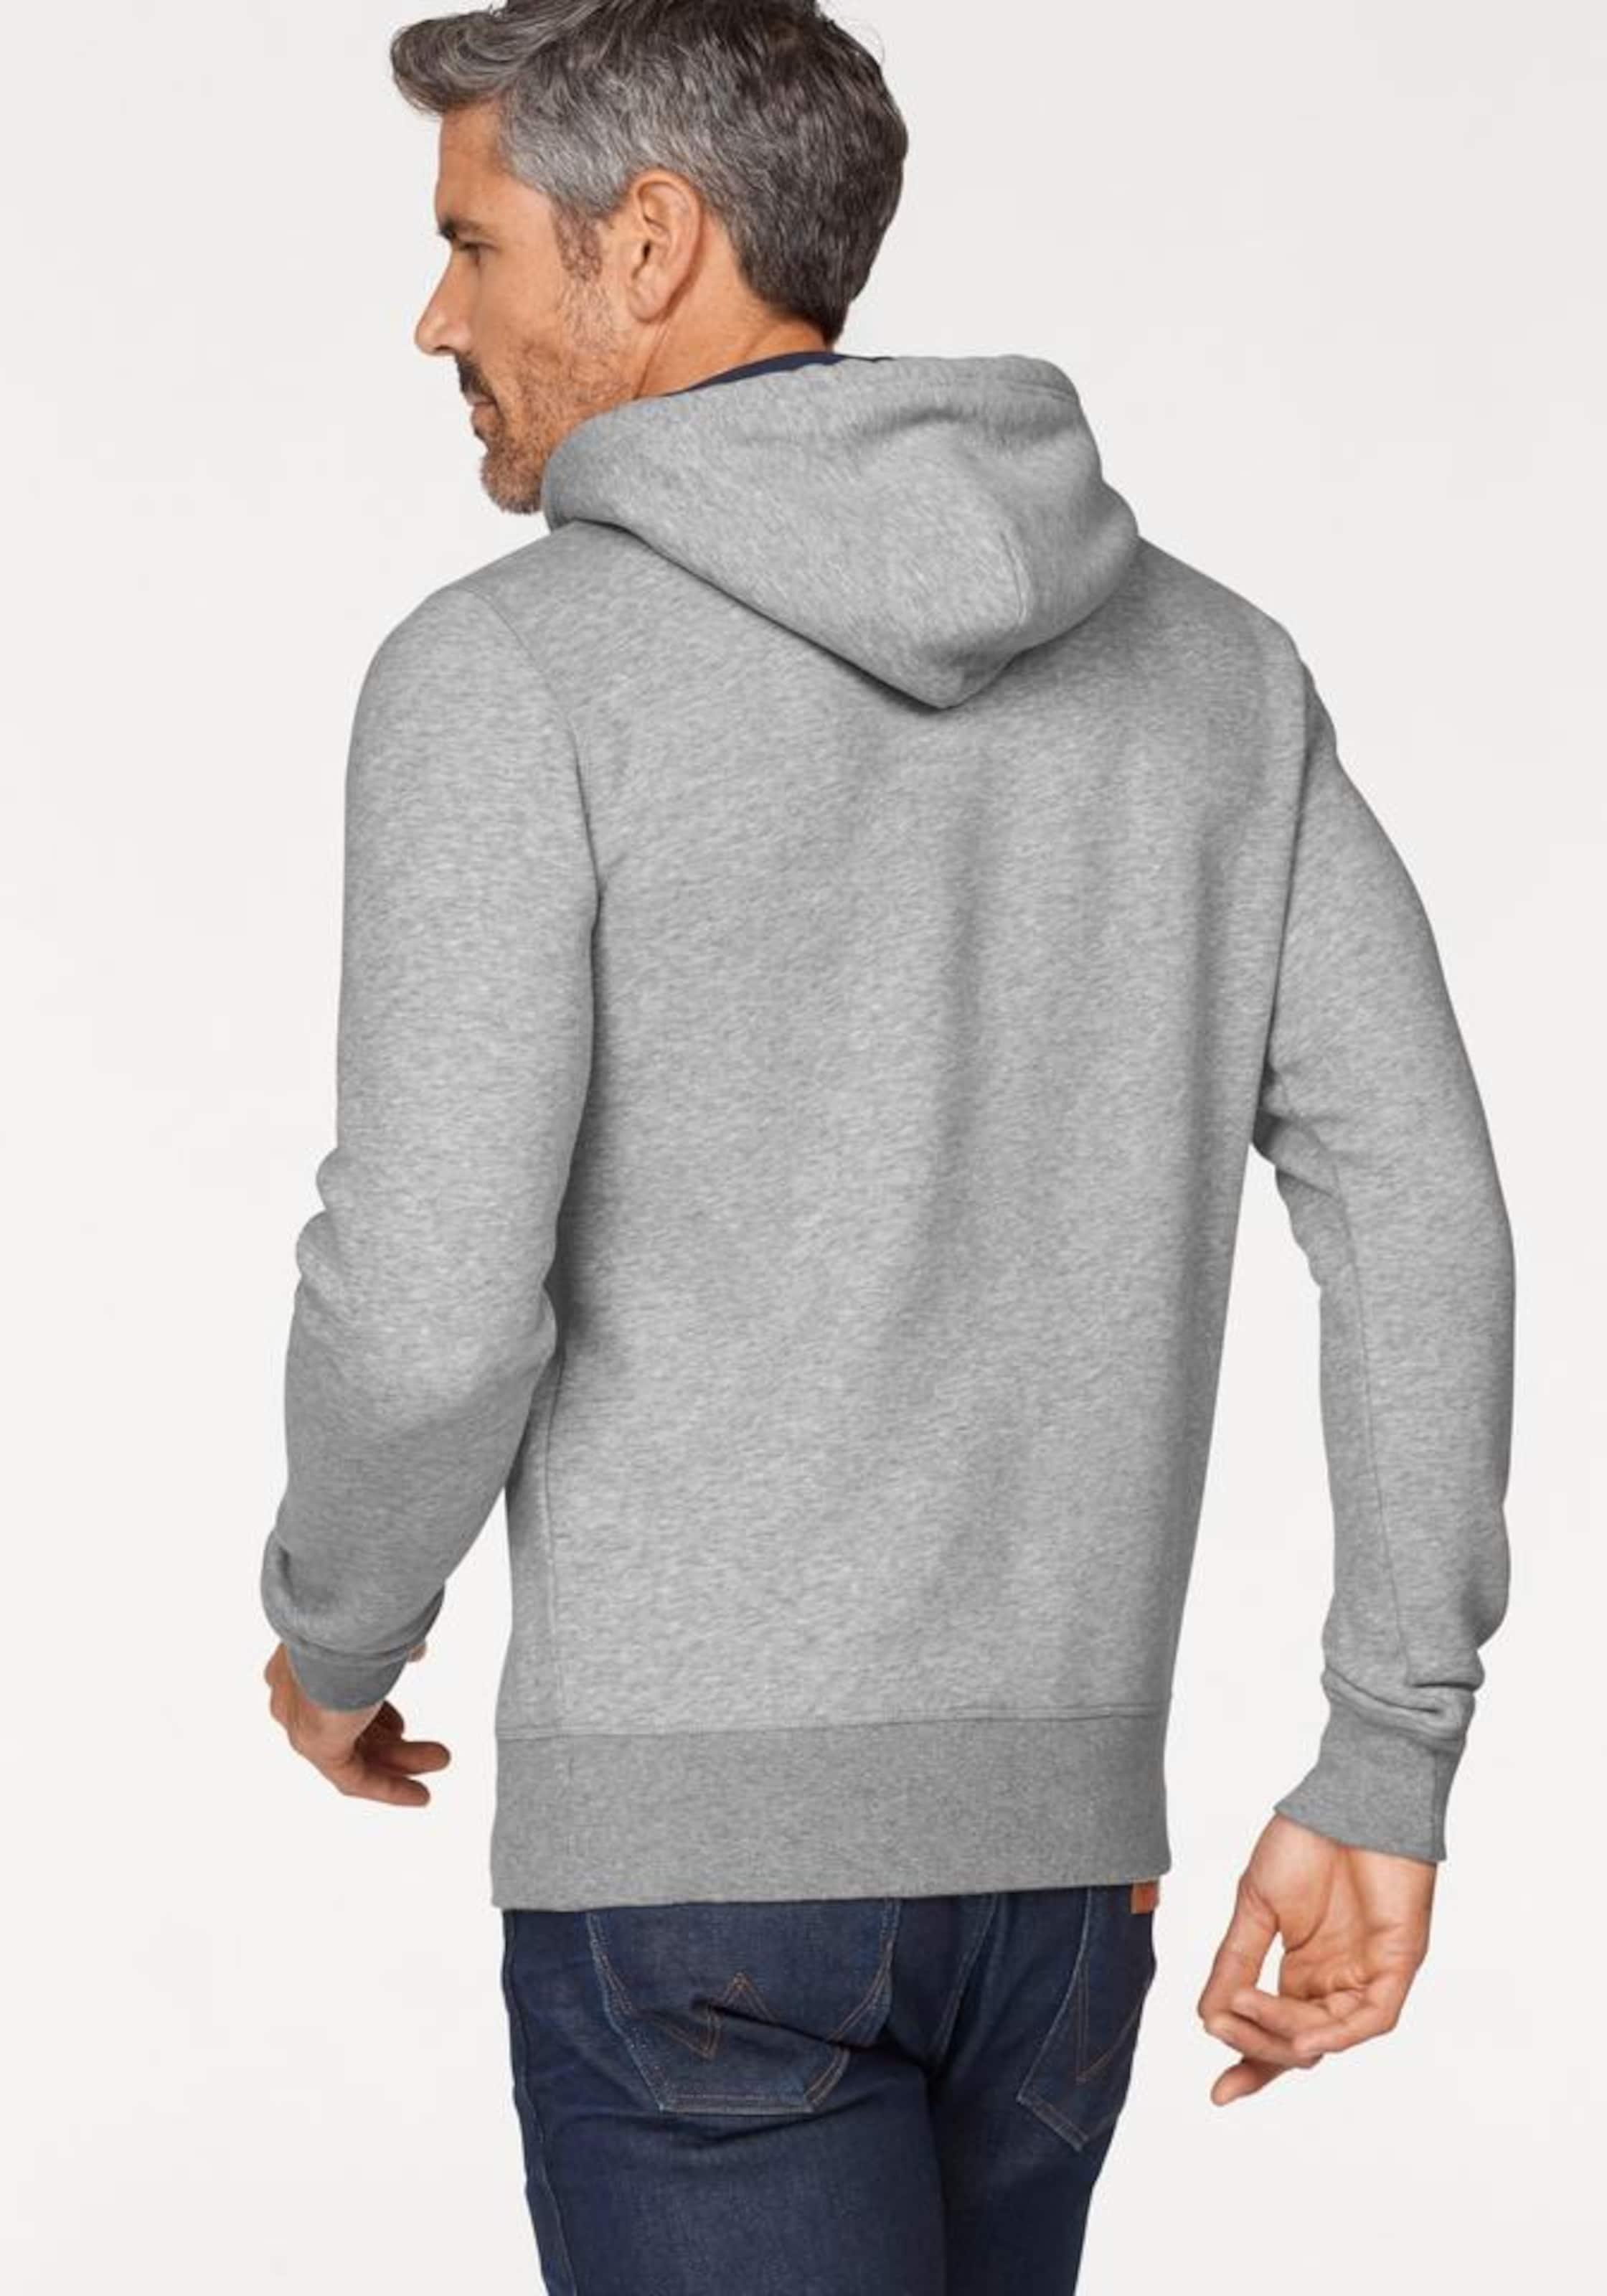 Spielraum Angebote Äußerst GANT Kapuzensweatshirt 'EMBRODERY' Sammlungen Online Kk5jIlSb3